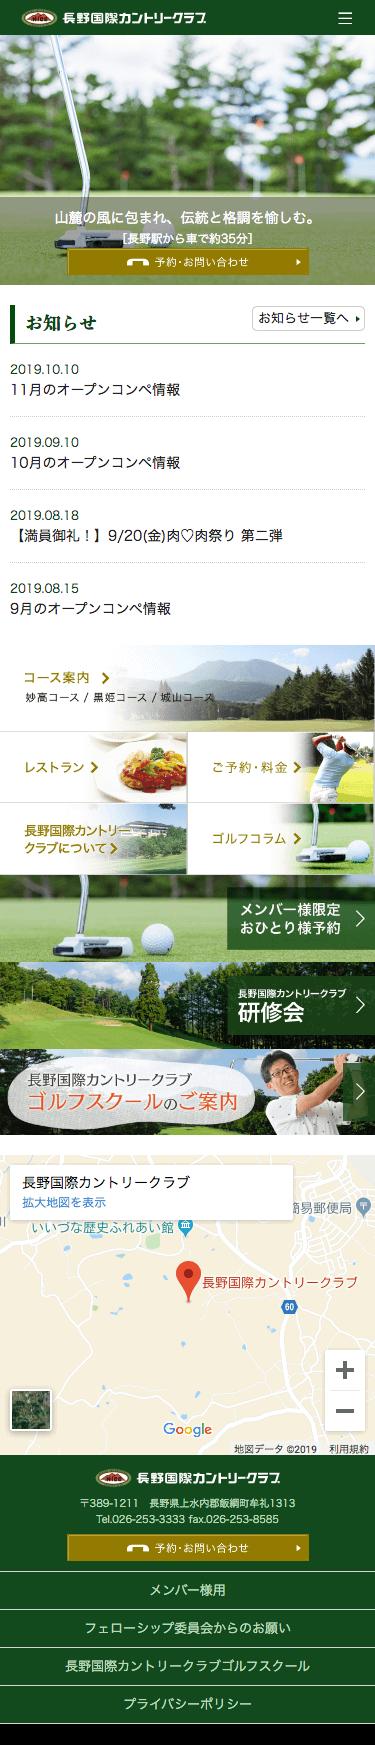 長野国際カントリークラブspイメージ